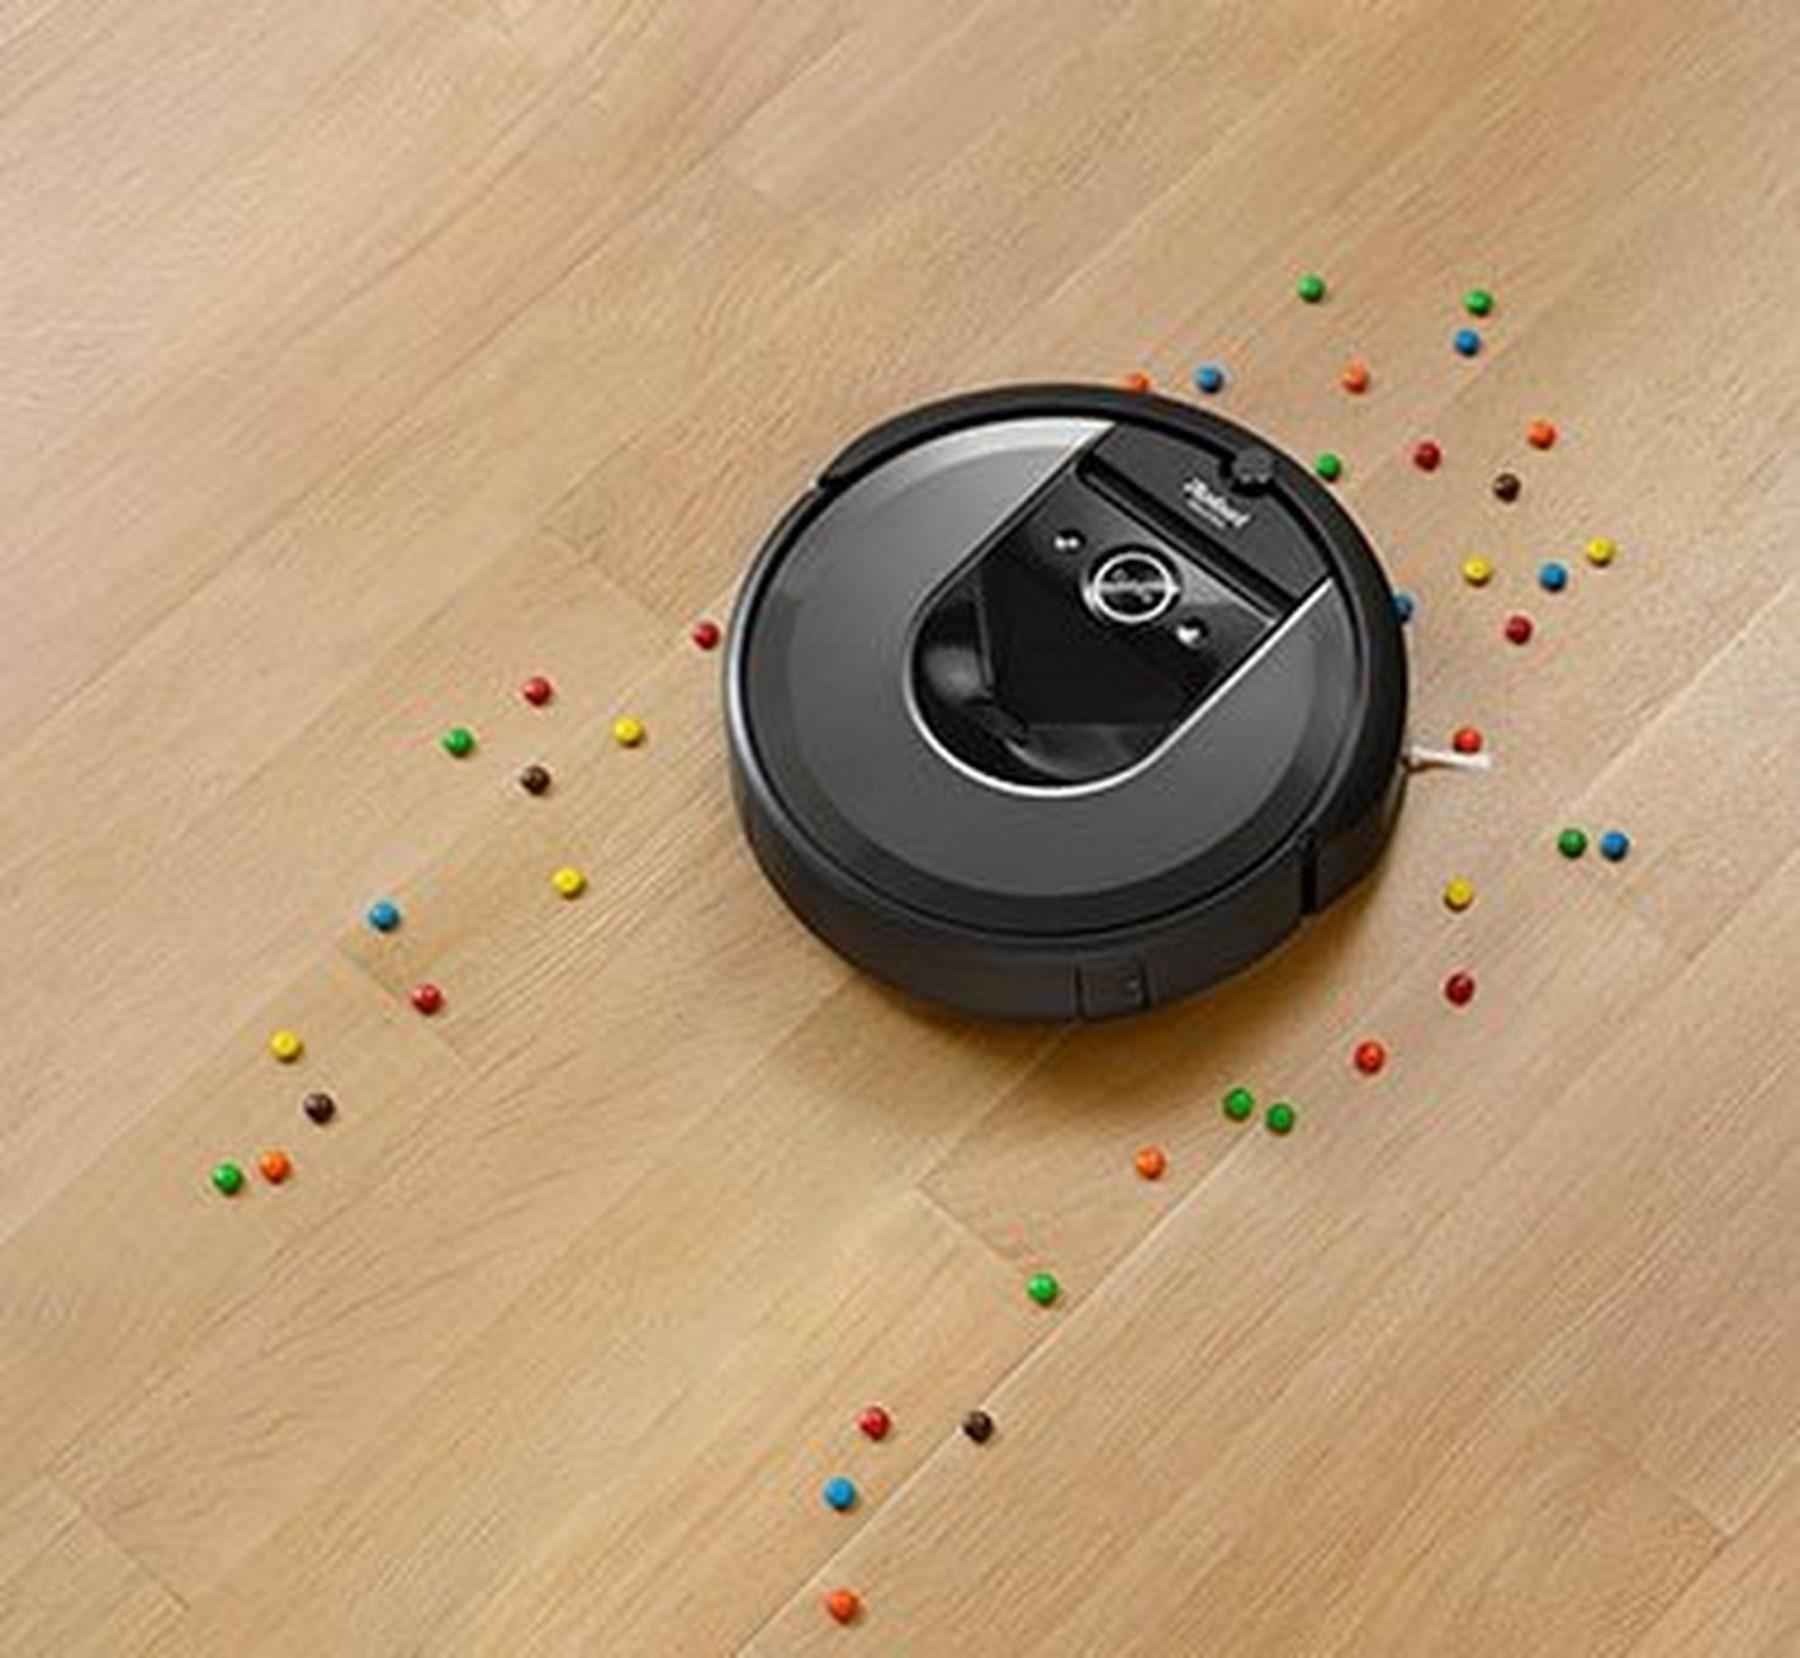 Roomba borstelt en stofzuigt door vuil. Achter de iRobot is de vloer schoon